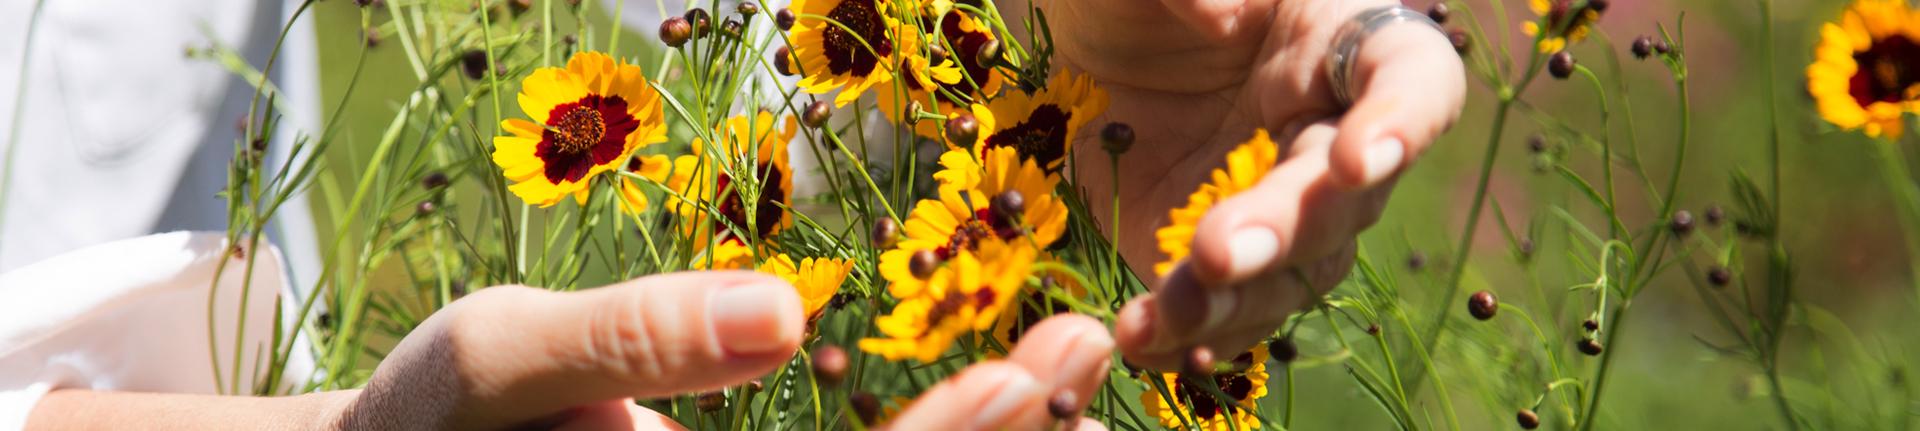 Terapias alternativas: Reiki e Florais de Bach